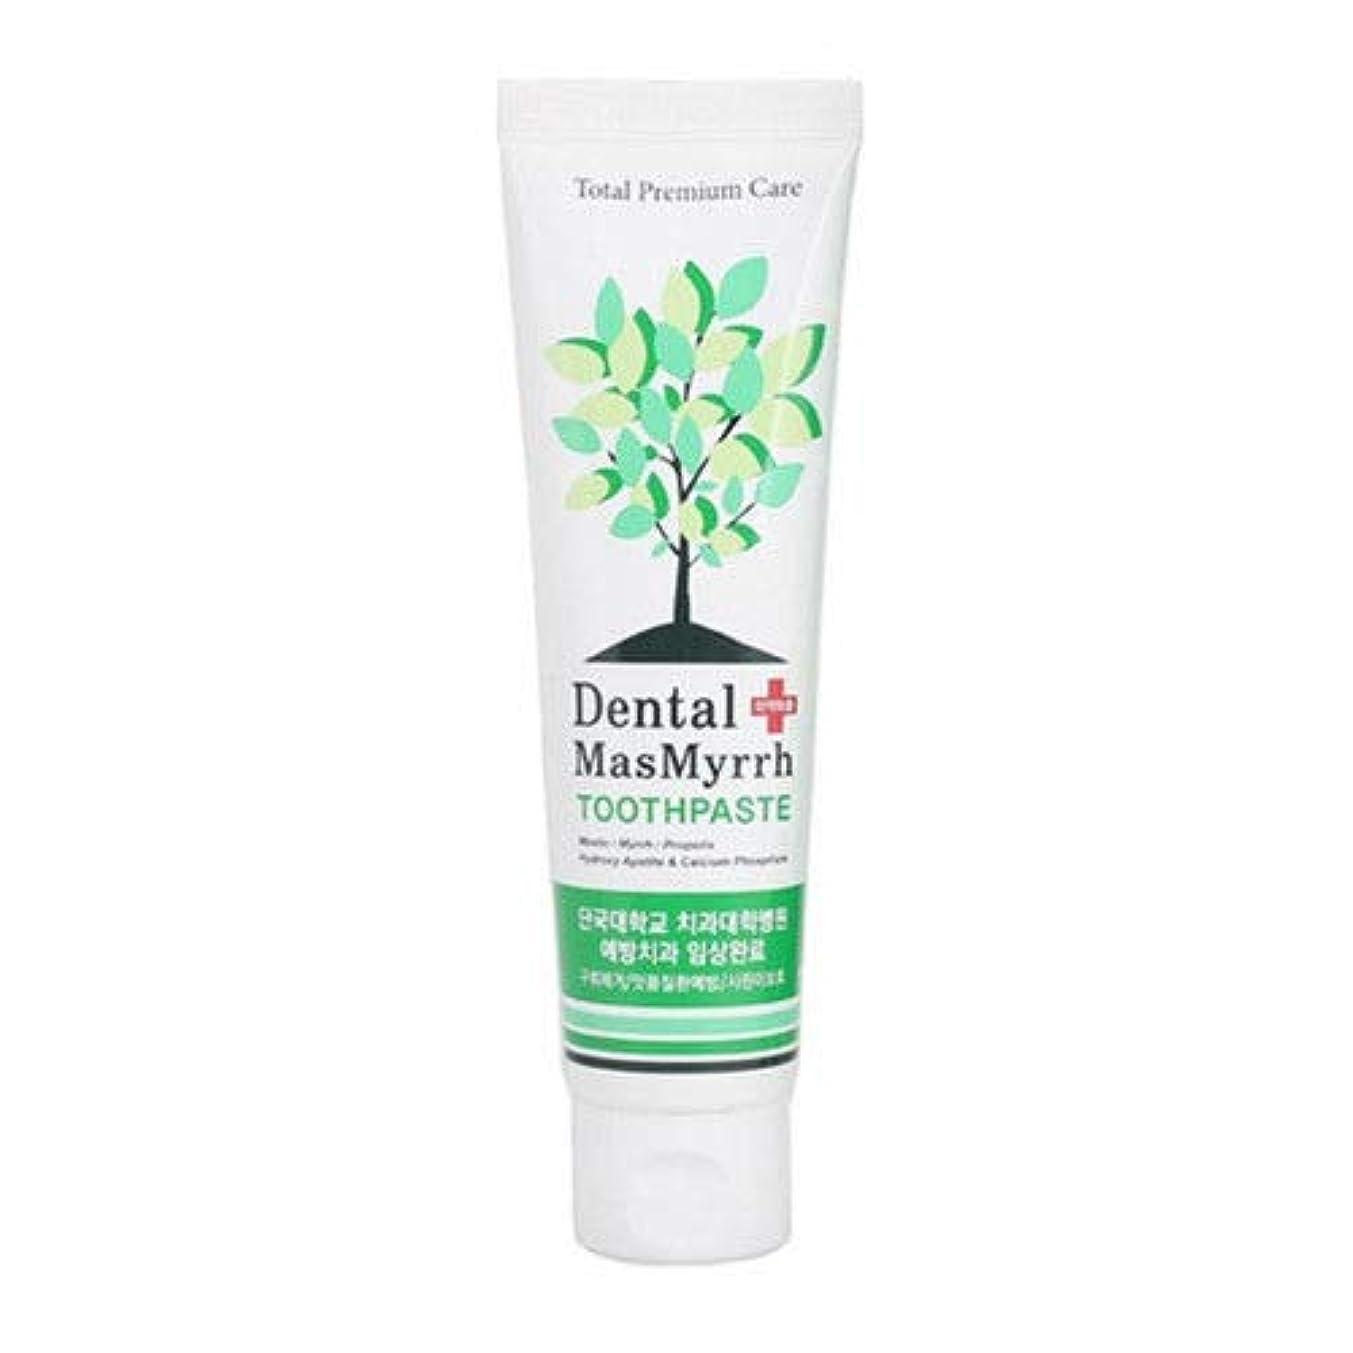 ペルソナアラート縮約天然 ナチュラル キシリトール 歯磨き粉 Natural Hernal Xylitol Anti-plague PBL Tube 歯科用 ハミガキ粉 - 130g[並行輸入品]